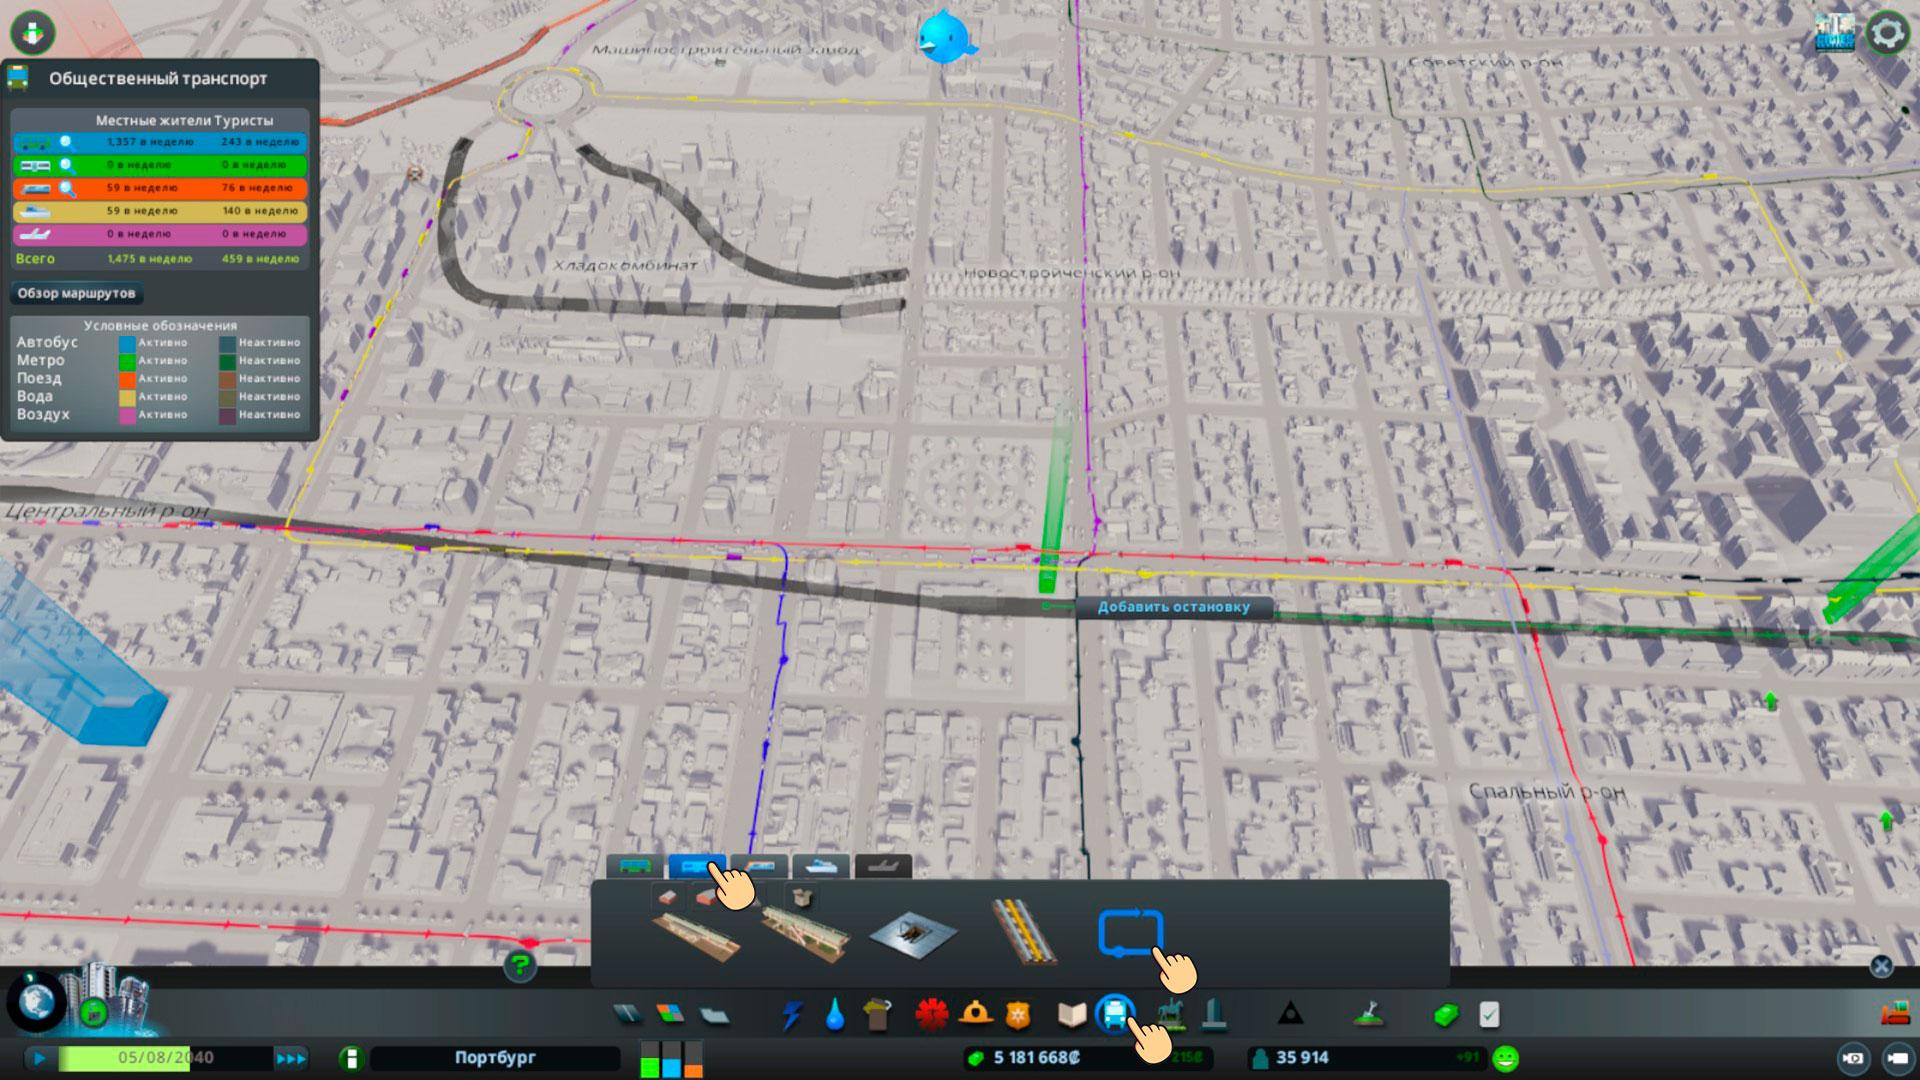 Метро в Cities: Skylines. Гайд по созданию своего личного метро.